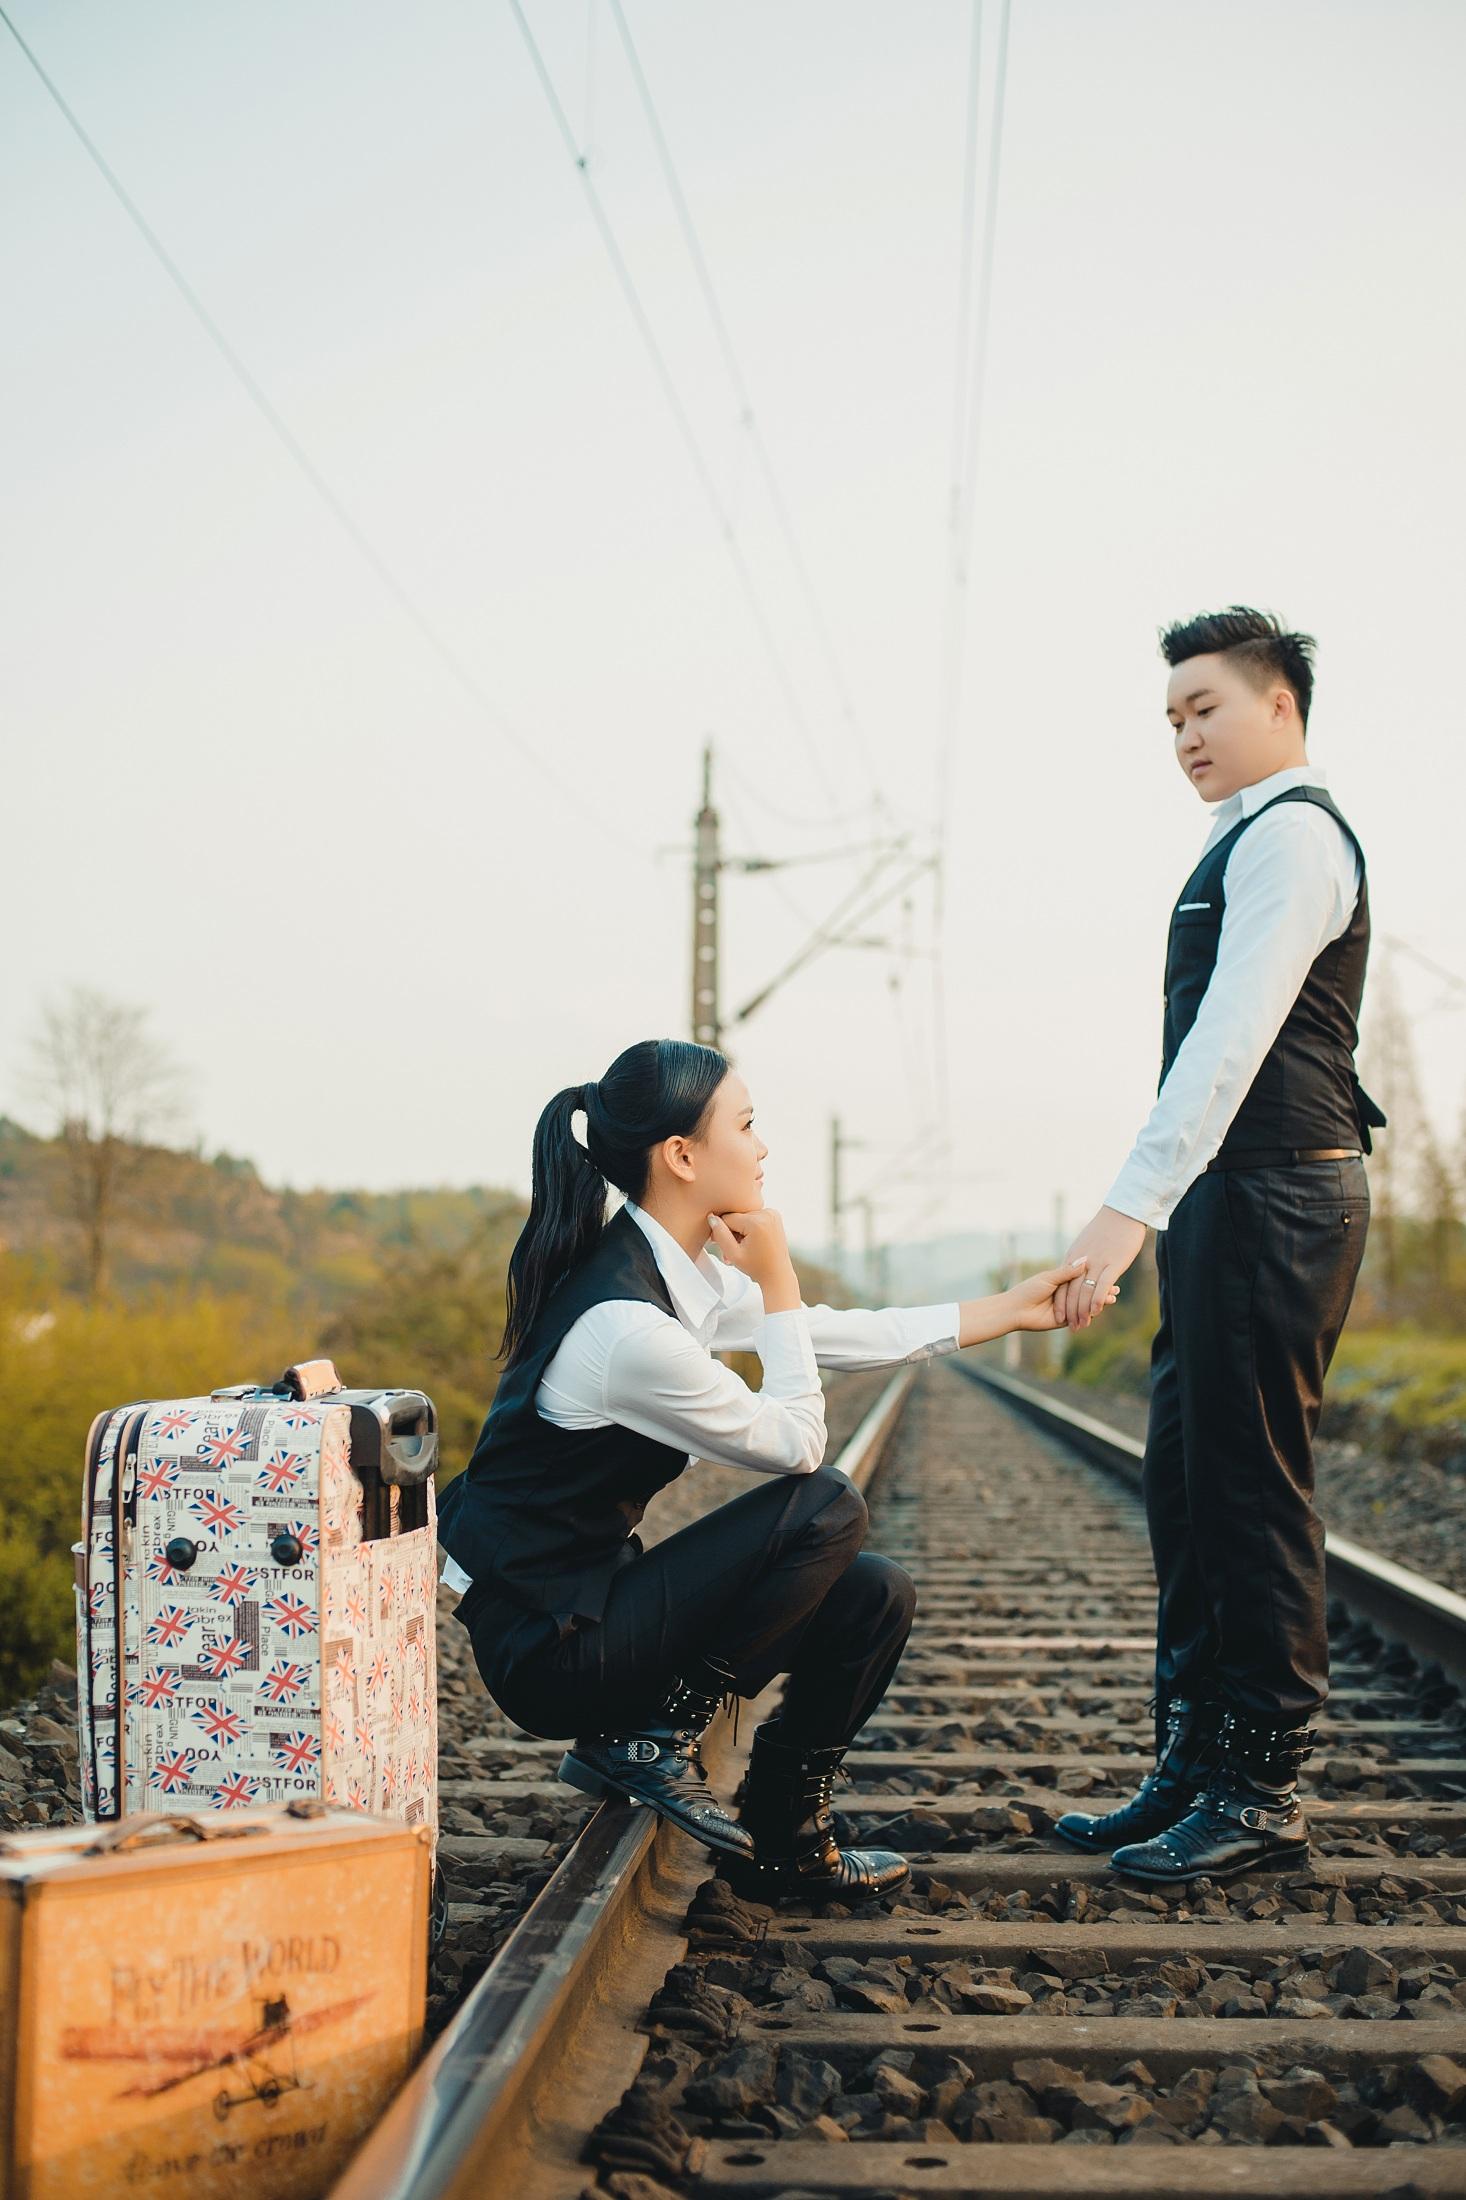 贵阳婚纱摄影——何先生& 王女士甜蜜婚礼纪